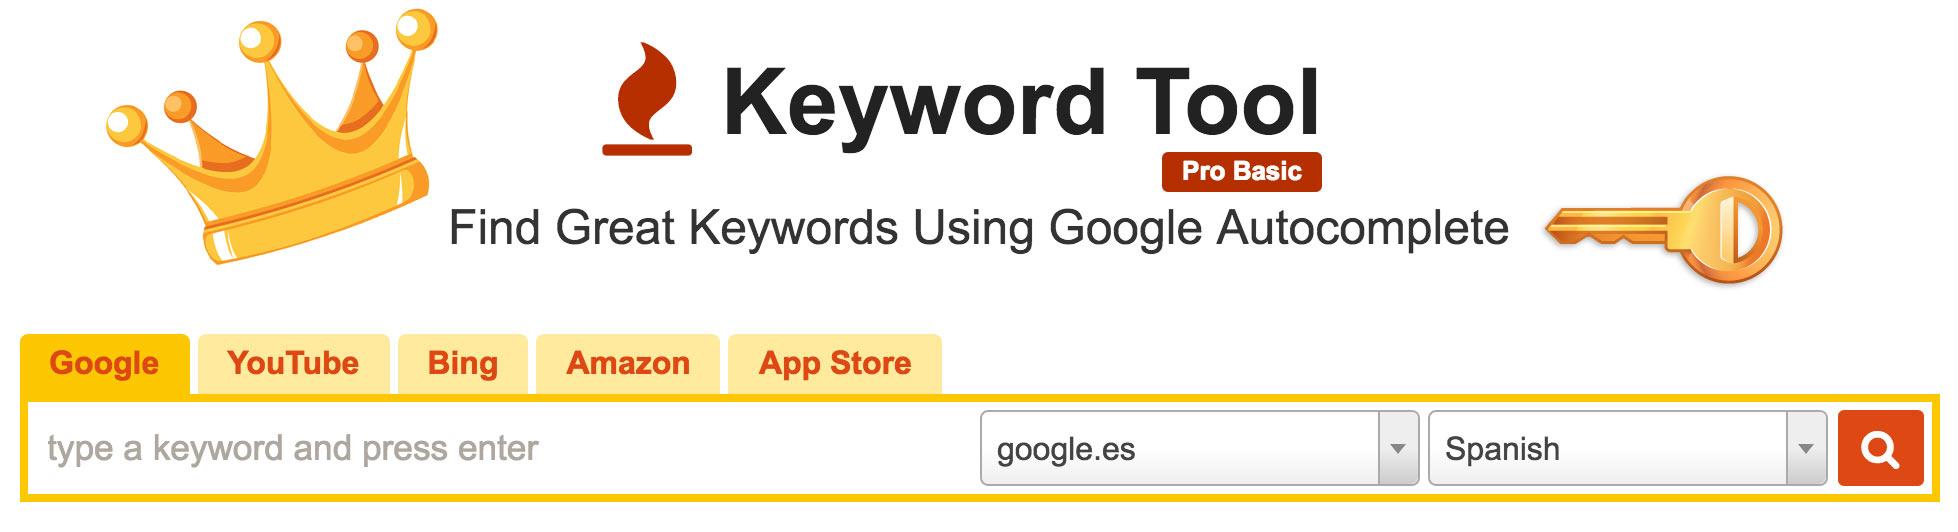 keyword-tool-io-tutorial